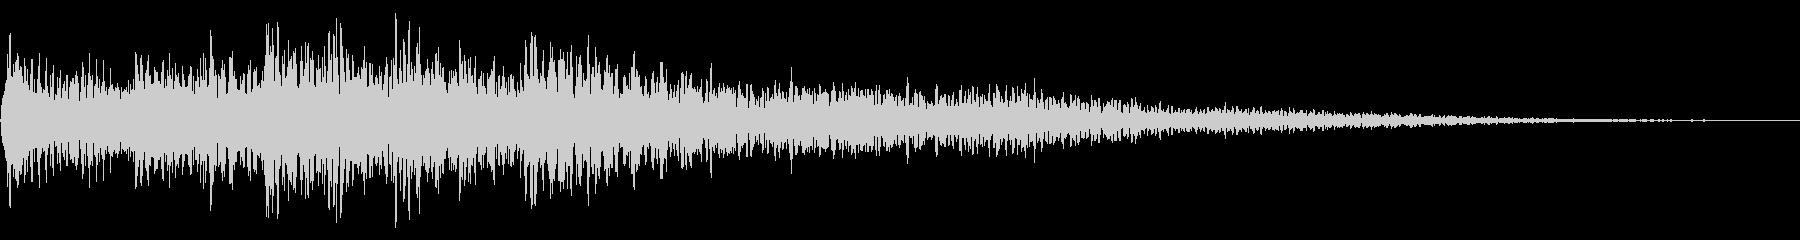 ハープの場面転換 CMイン 転回音 切替の未再生の波形